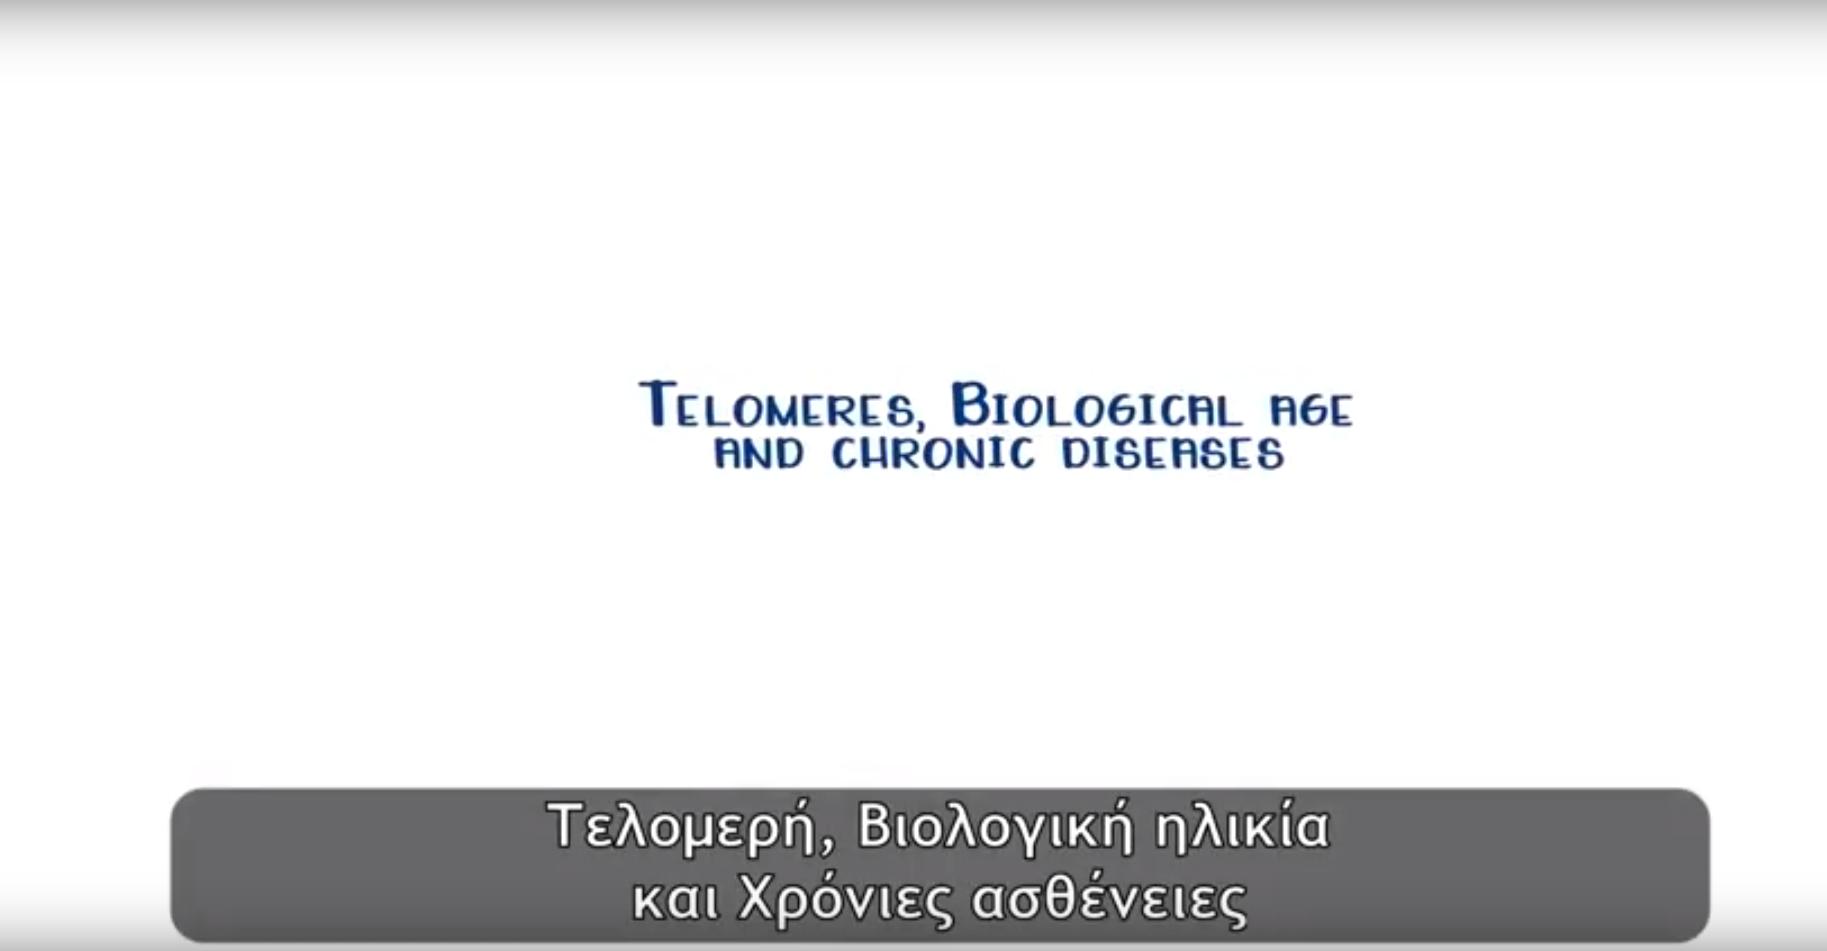 Τελομερή, Βιολογική ηλικία και Χρόνιες ασθένειες